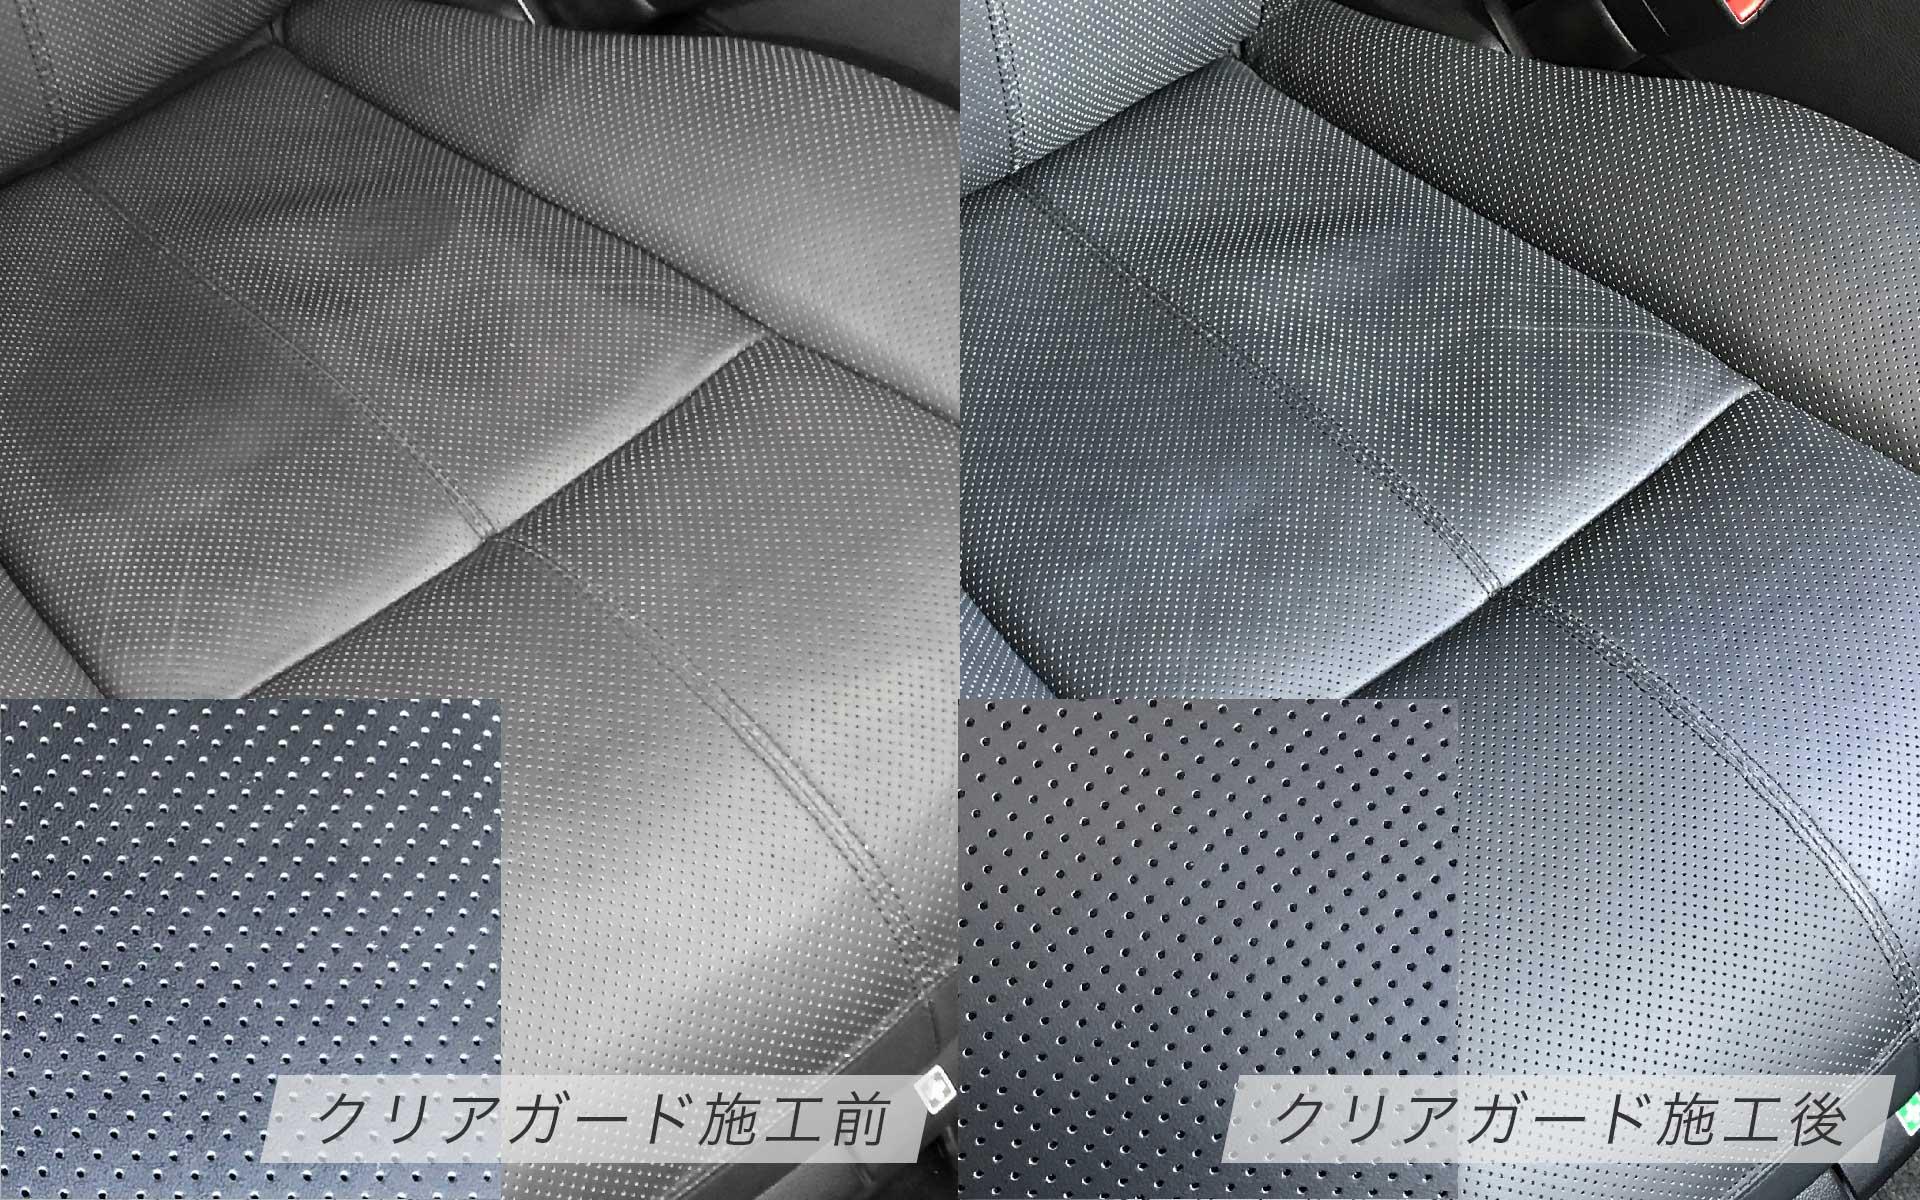 革シートコーティング「クリアガード」施工前後比較写真